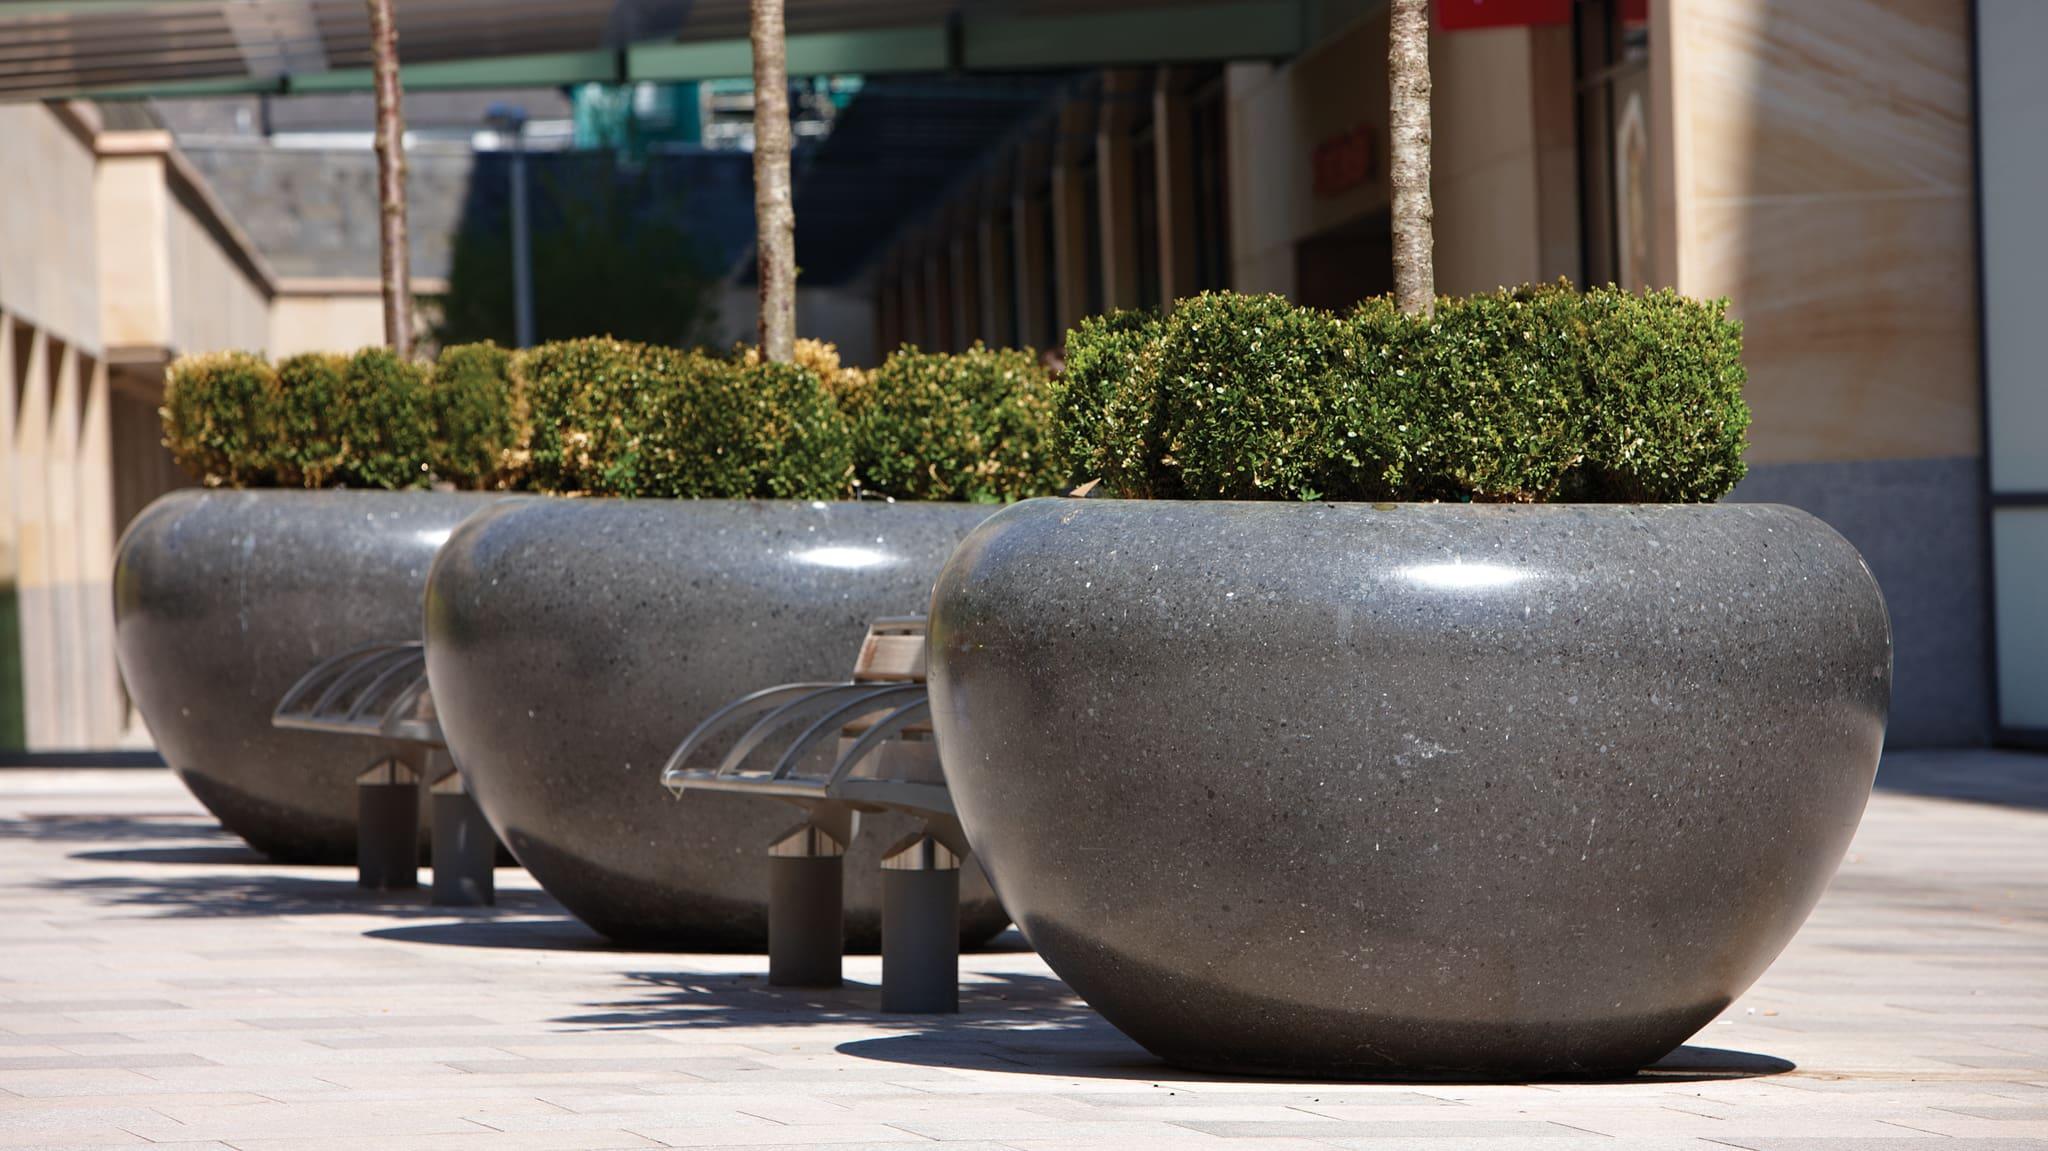 Planters in public walkway